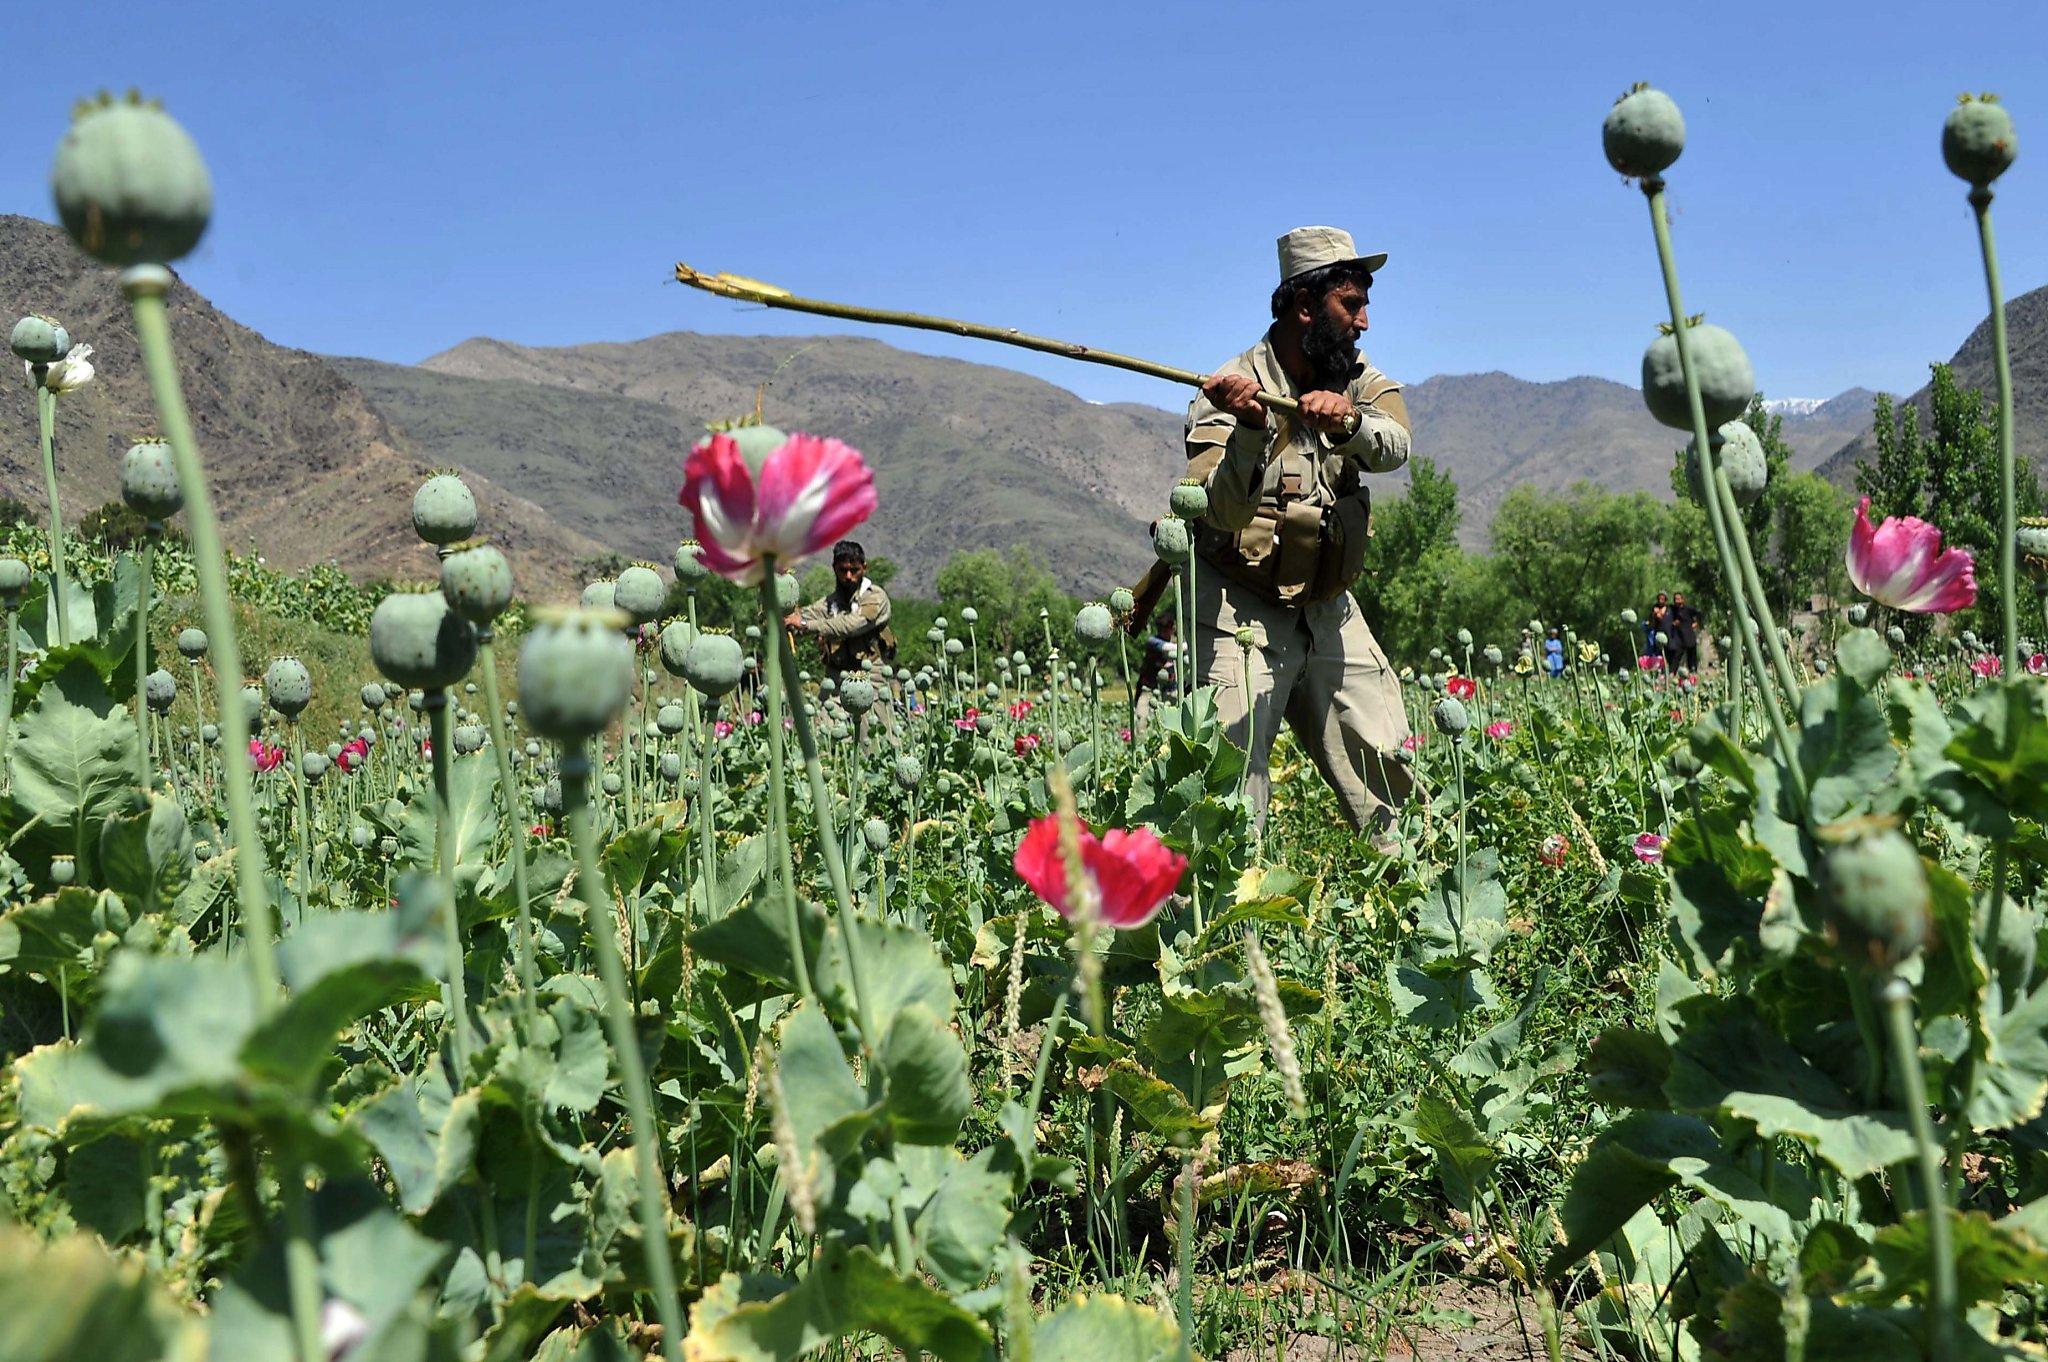 ابراهيم ازهر : بهرنیانو هم په ټول توان سره ونه کړای شول چې افغانستان له کوکناروڅخه پاک کړي . www.talibnews.com